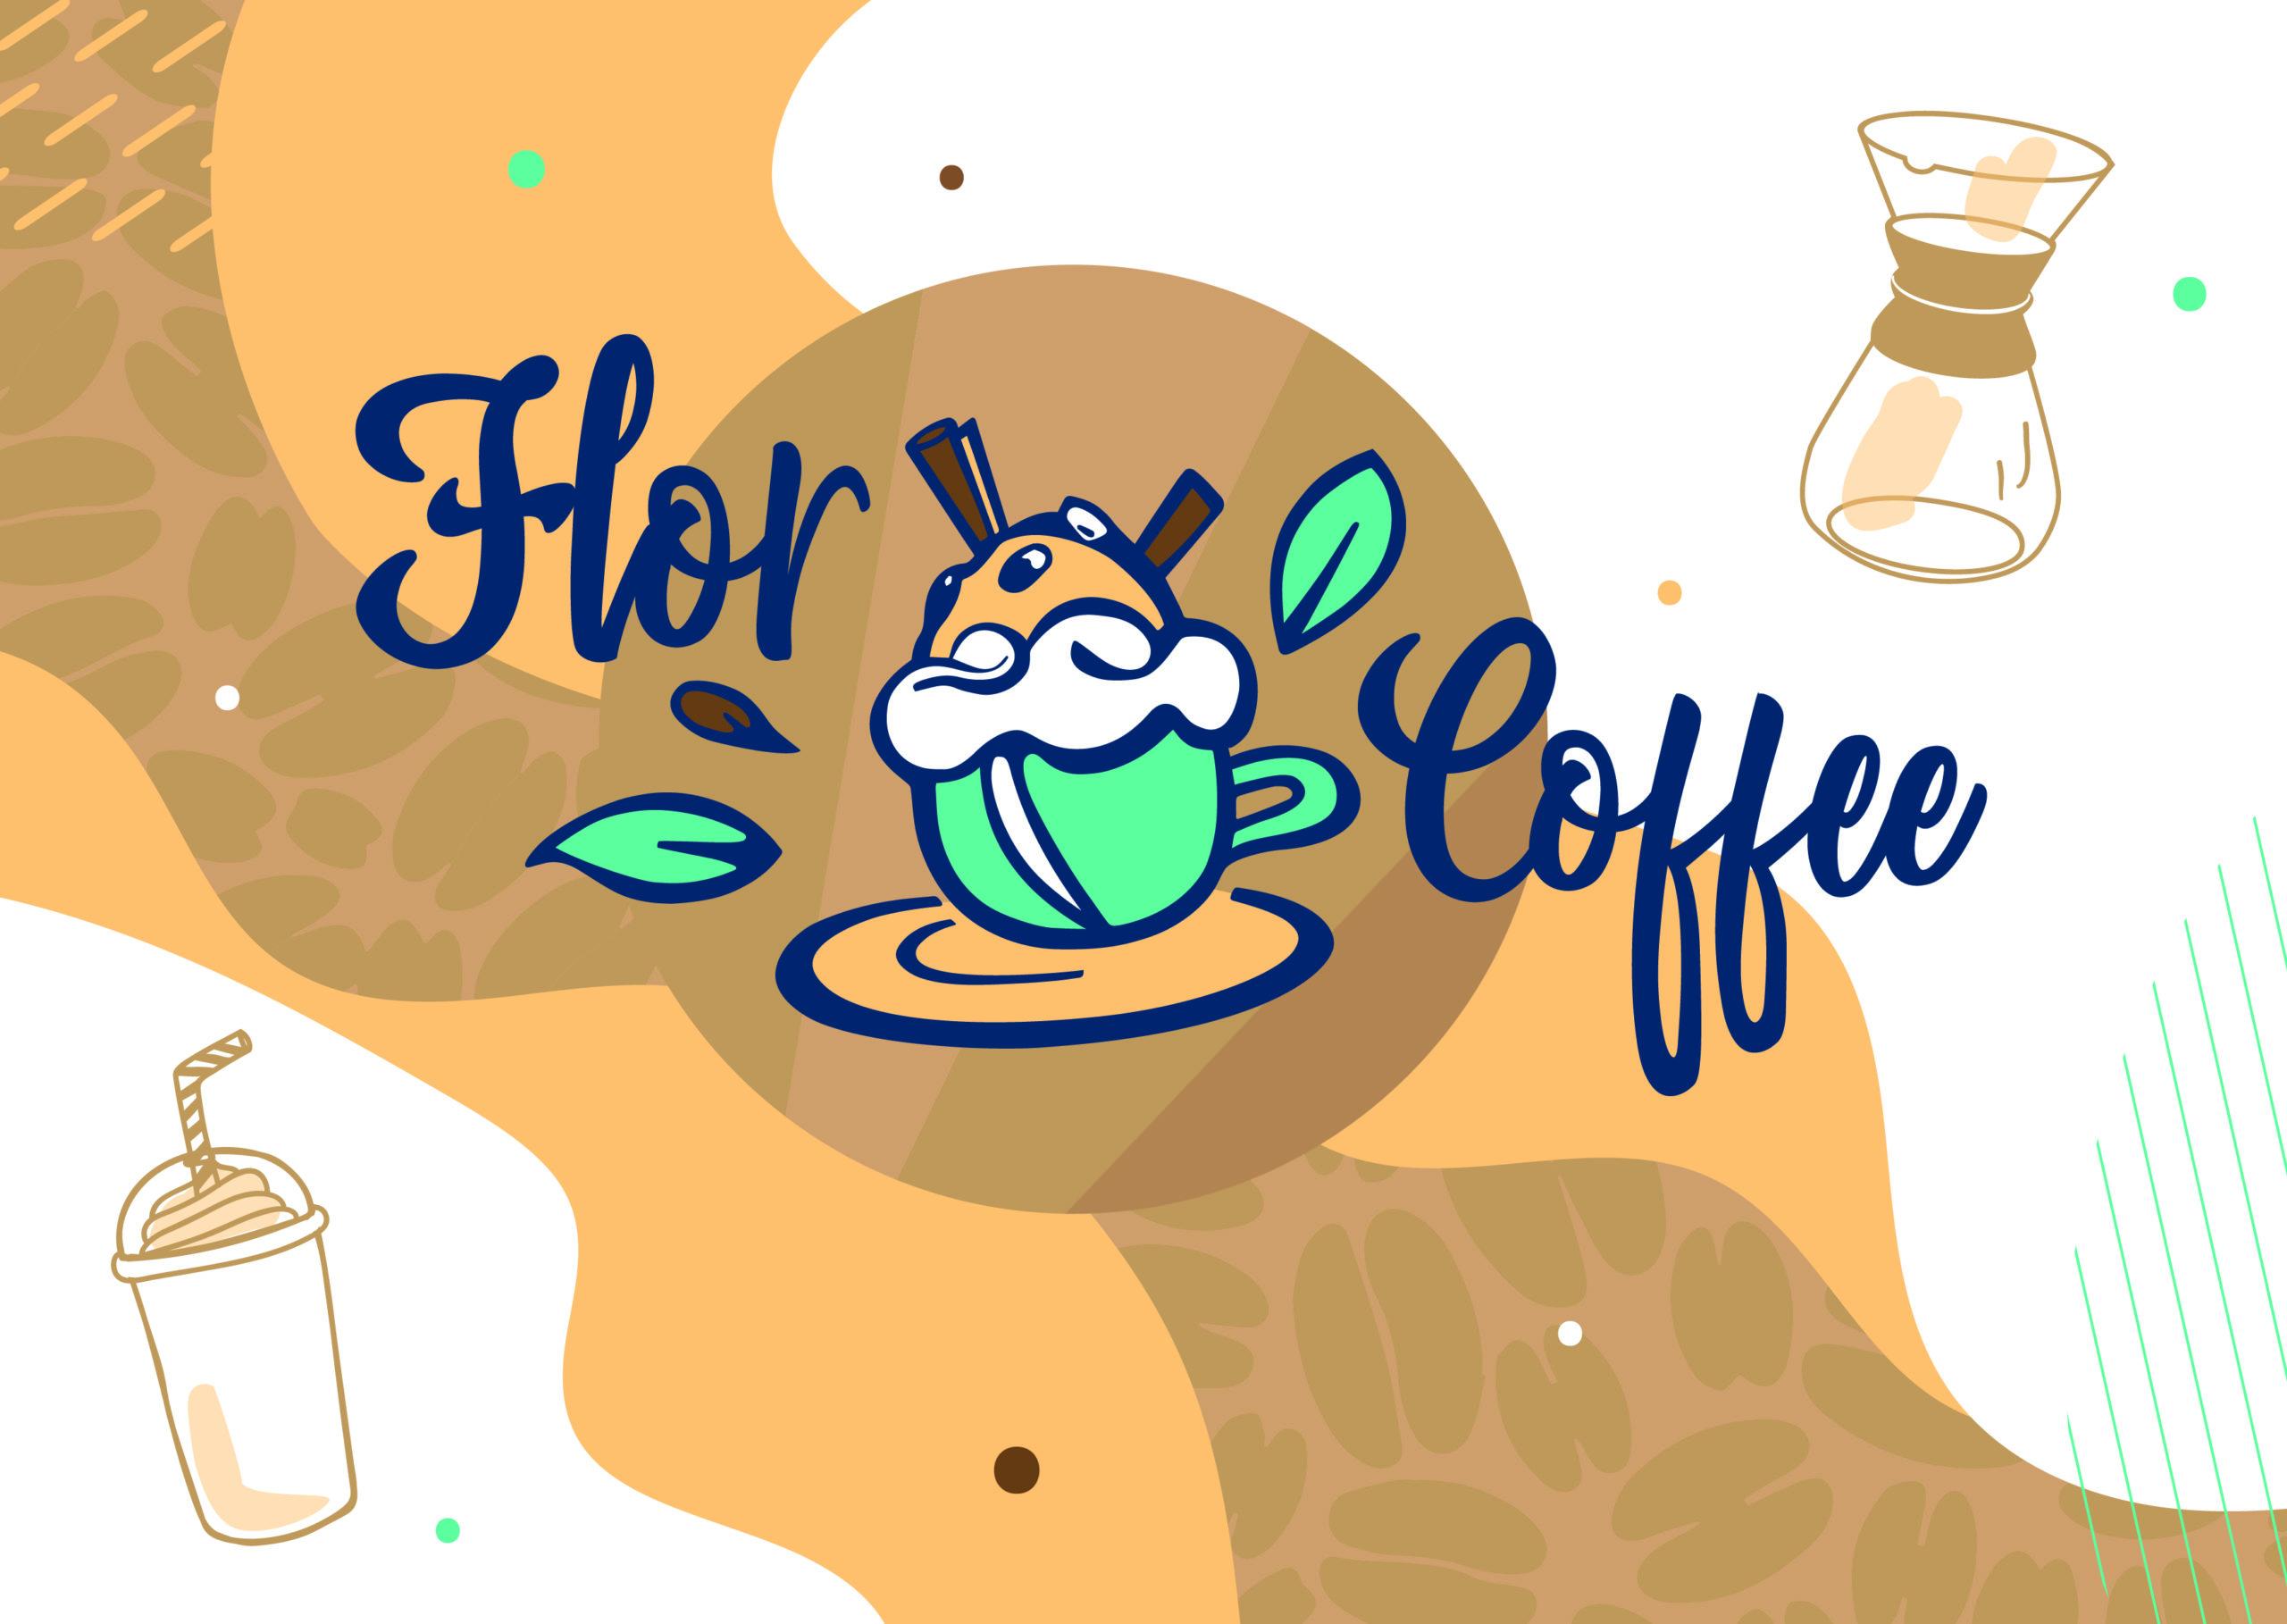 Identité Visuelle, Logo, Flor Coffee, Charte Graphique, illustrations, univers visuelle , image